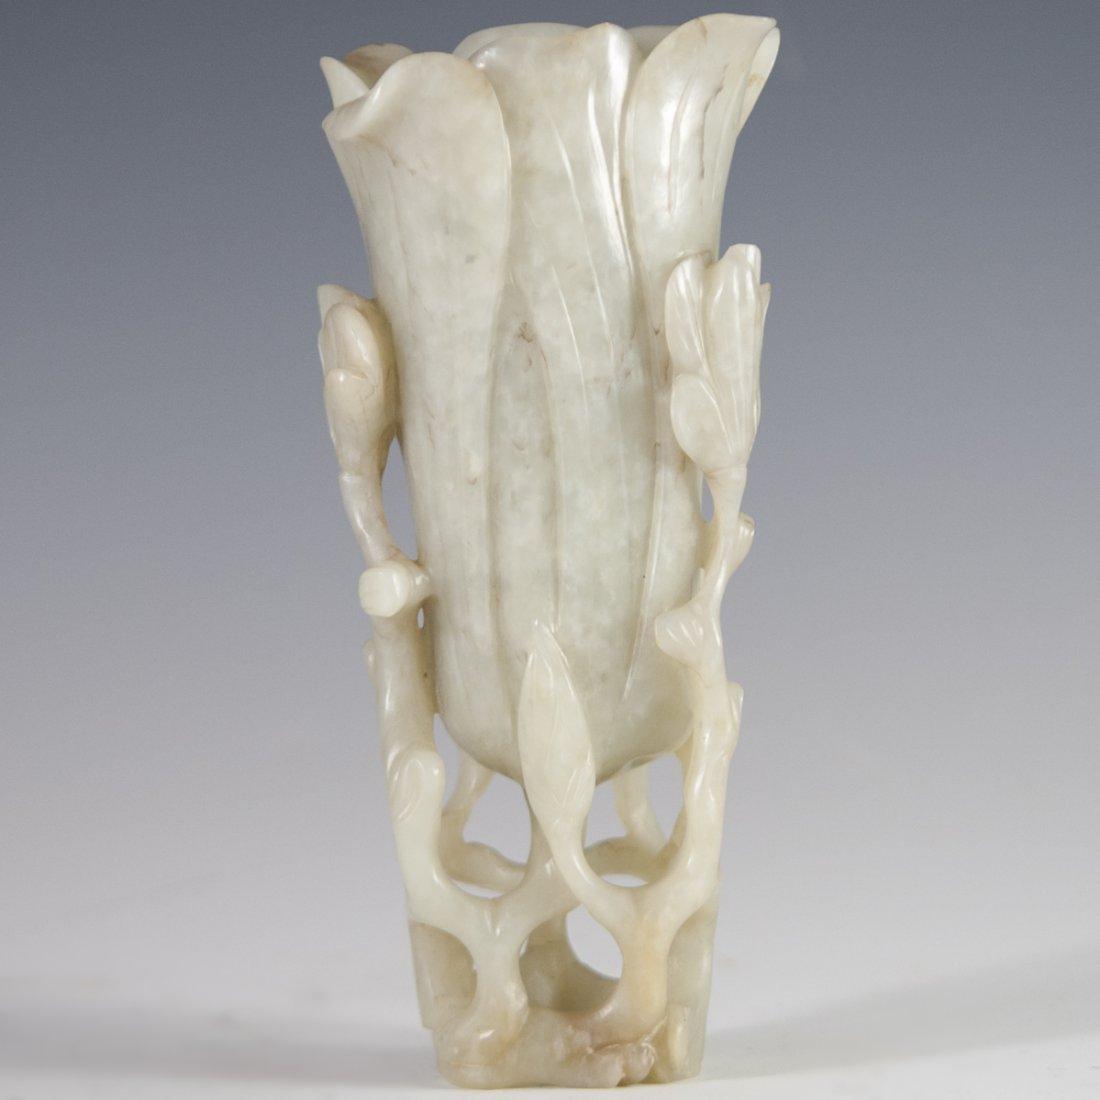 Antique Carved Jade Vase - 2